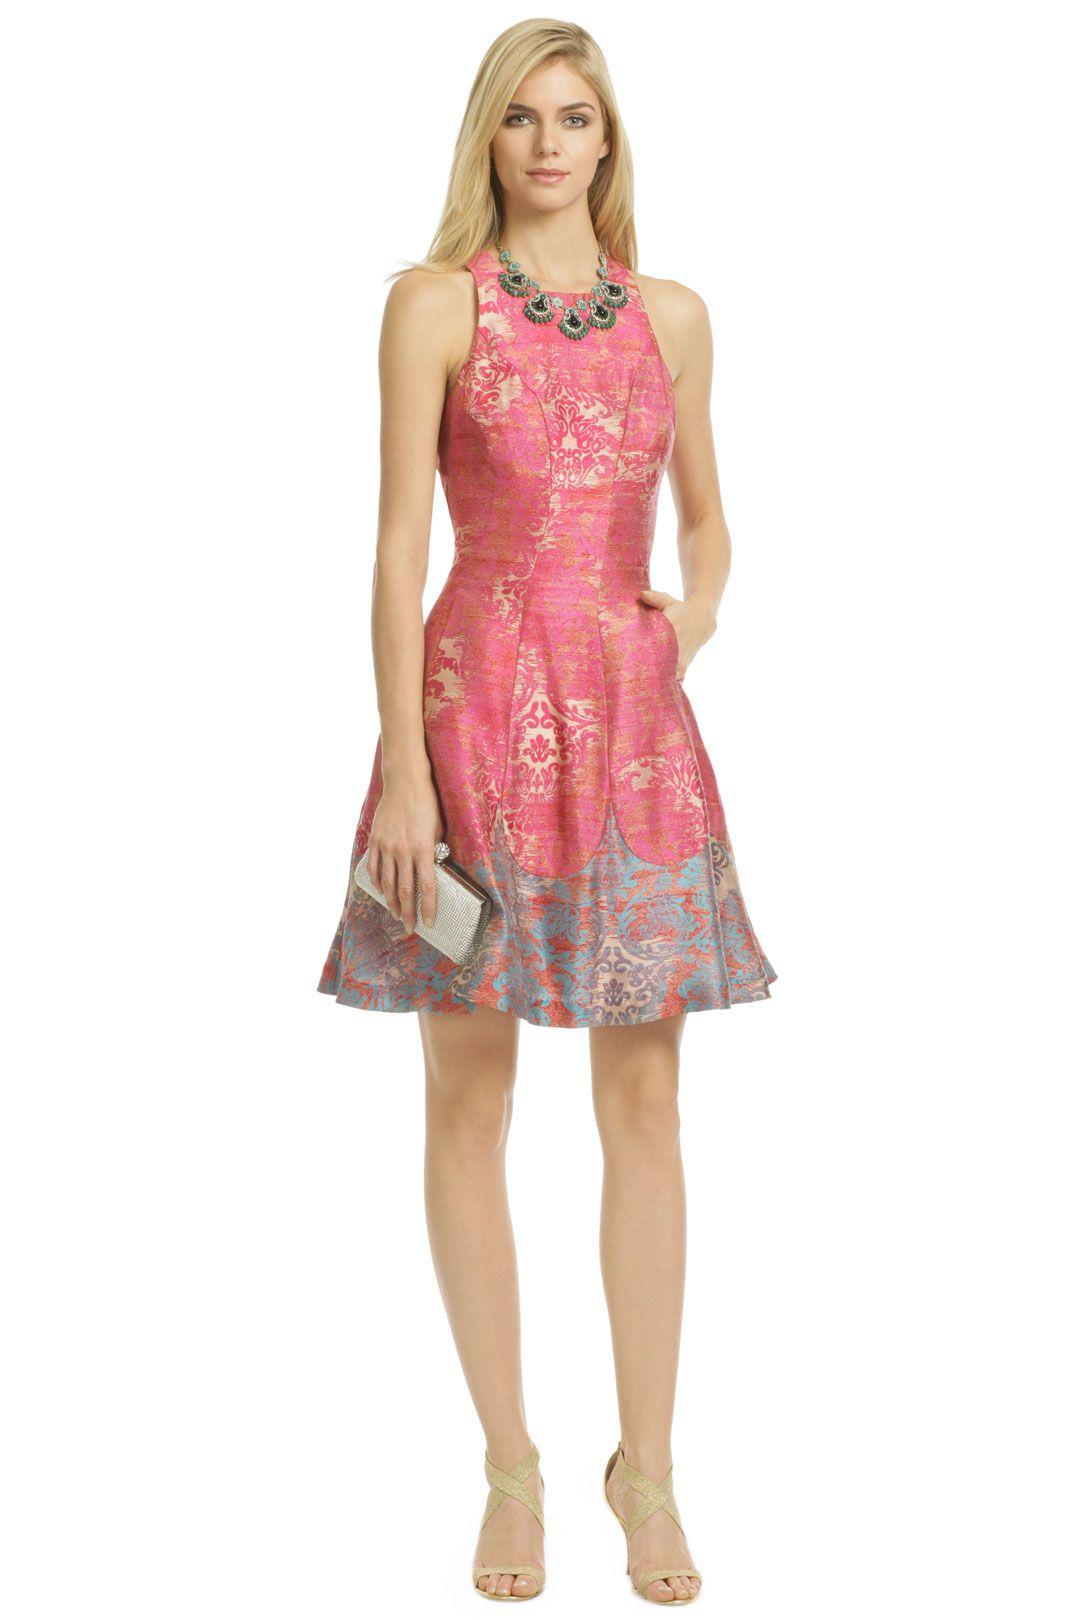 Q hermoso vestido! | Moda, fashion . Simplemente mujer | Pinterest ...